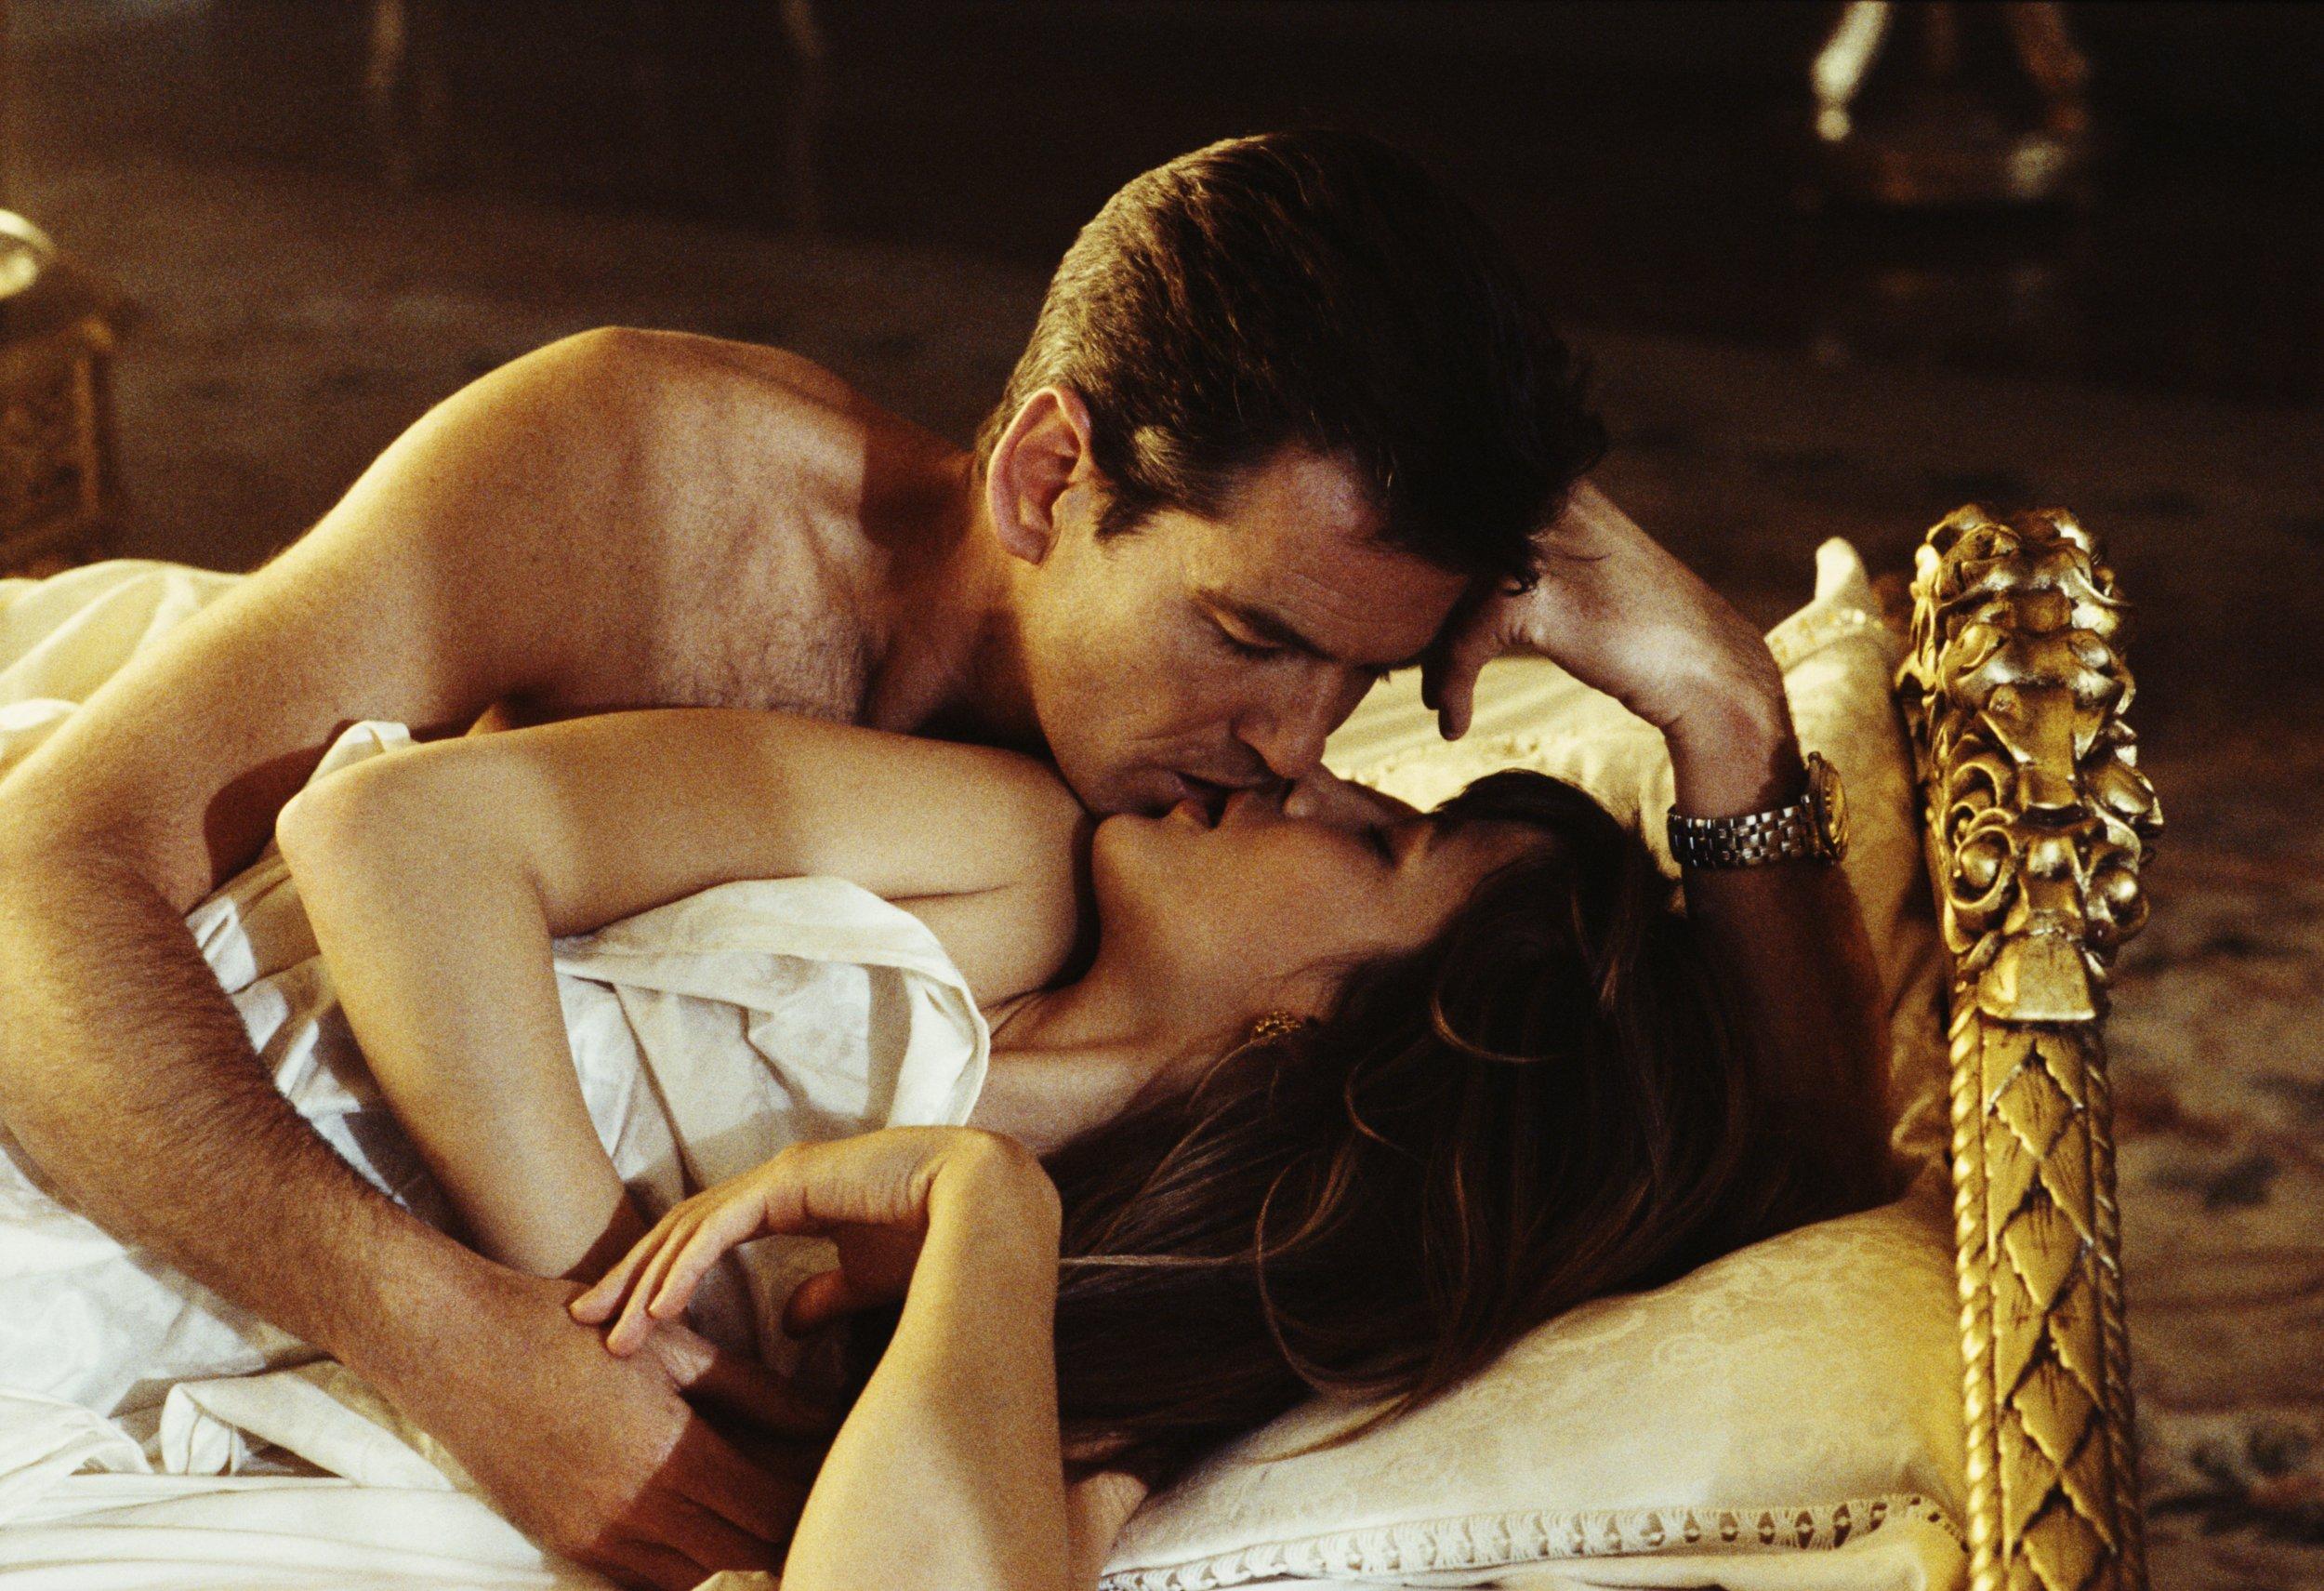 Hayden panettiere james bond sex movie anal sex face